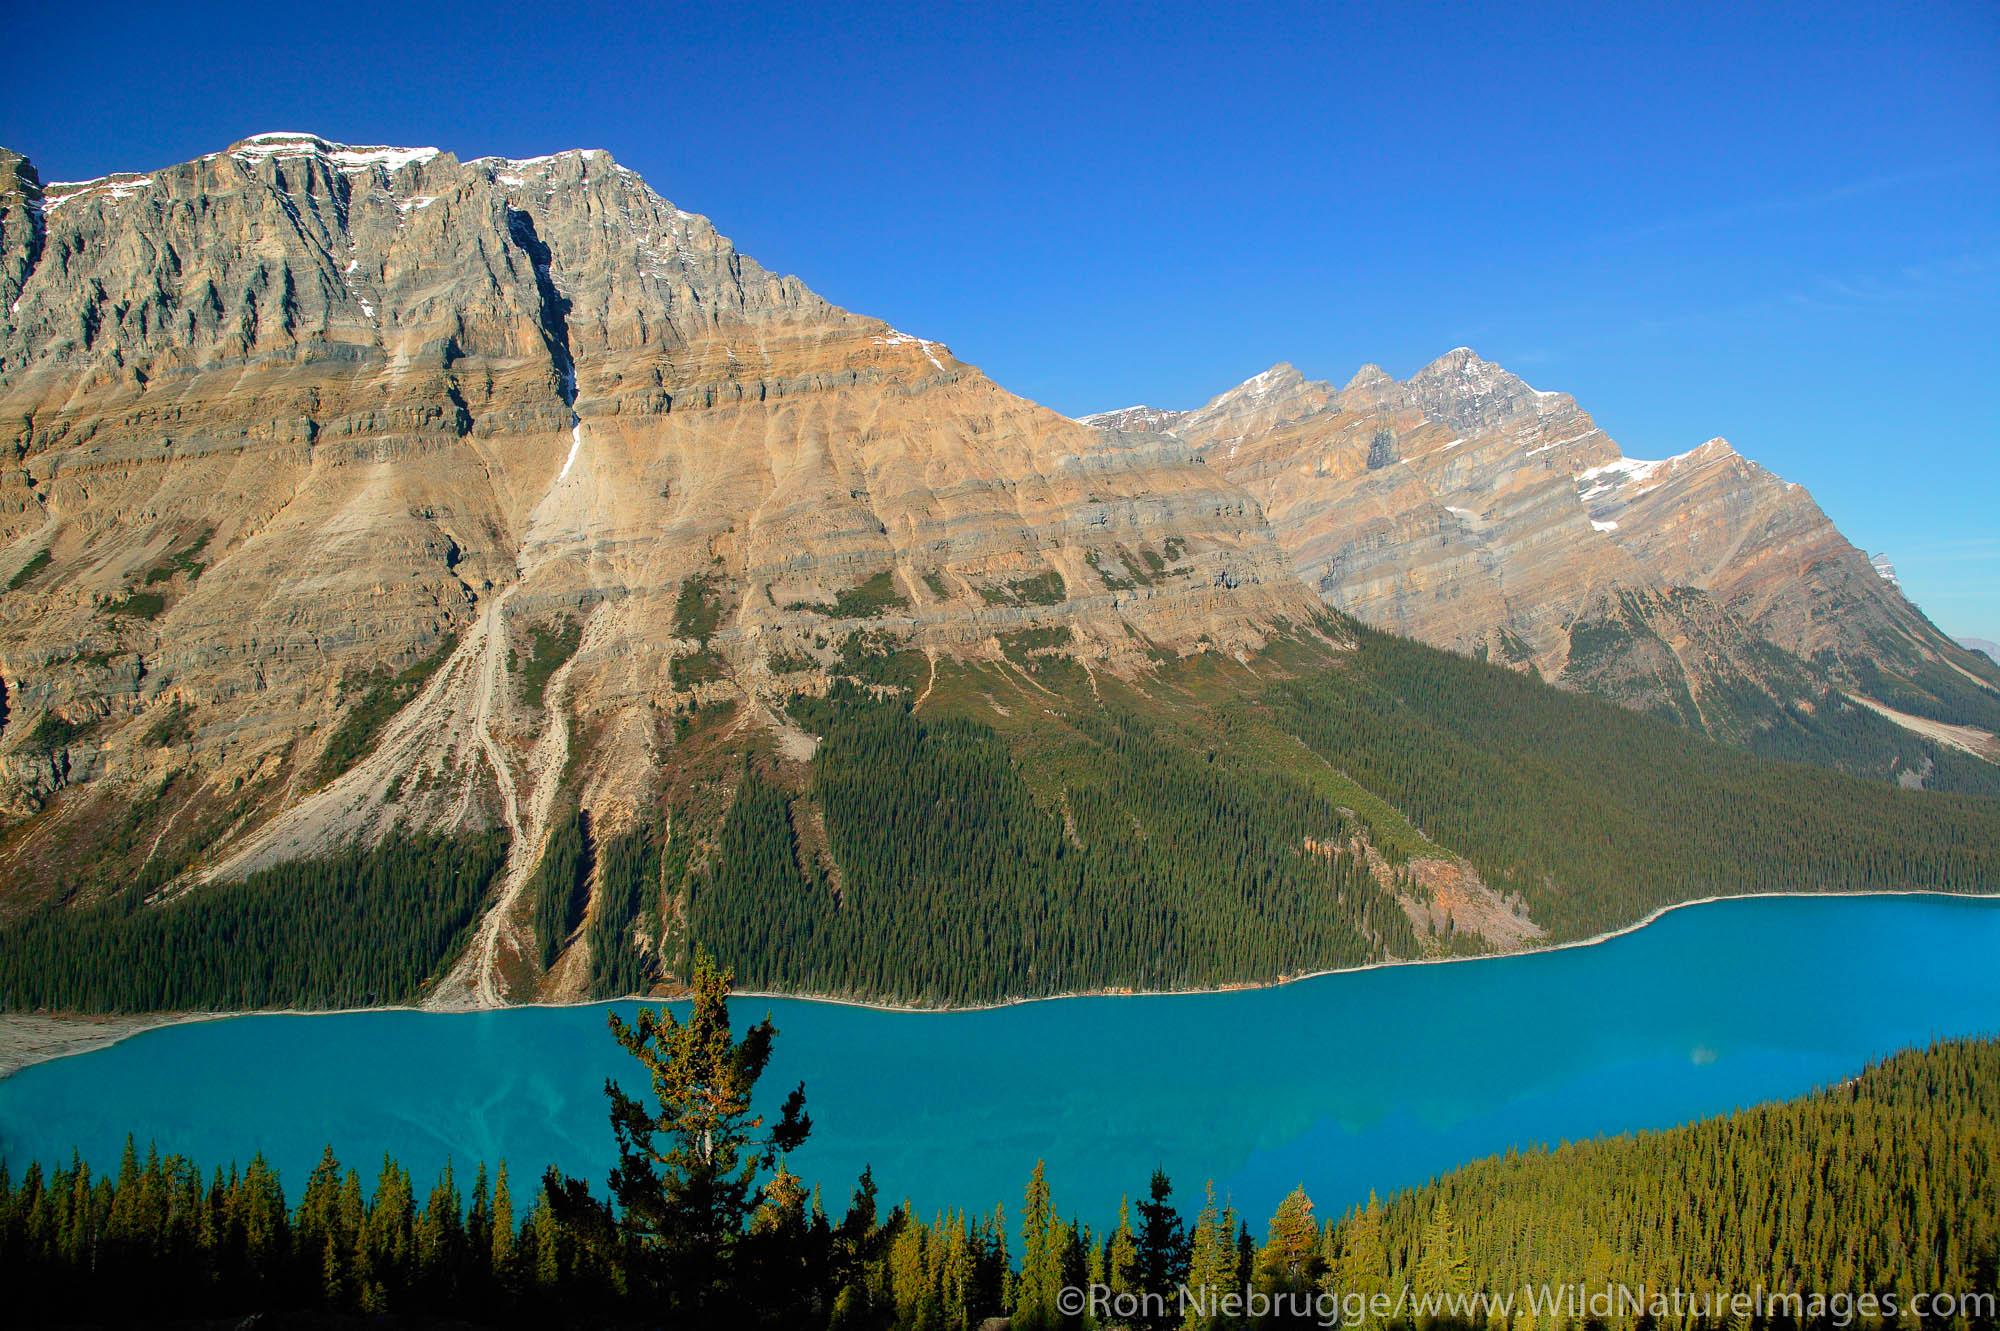 Peyto Lake at Bow Summit, Banff National Park, Alberta, Canada.